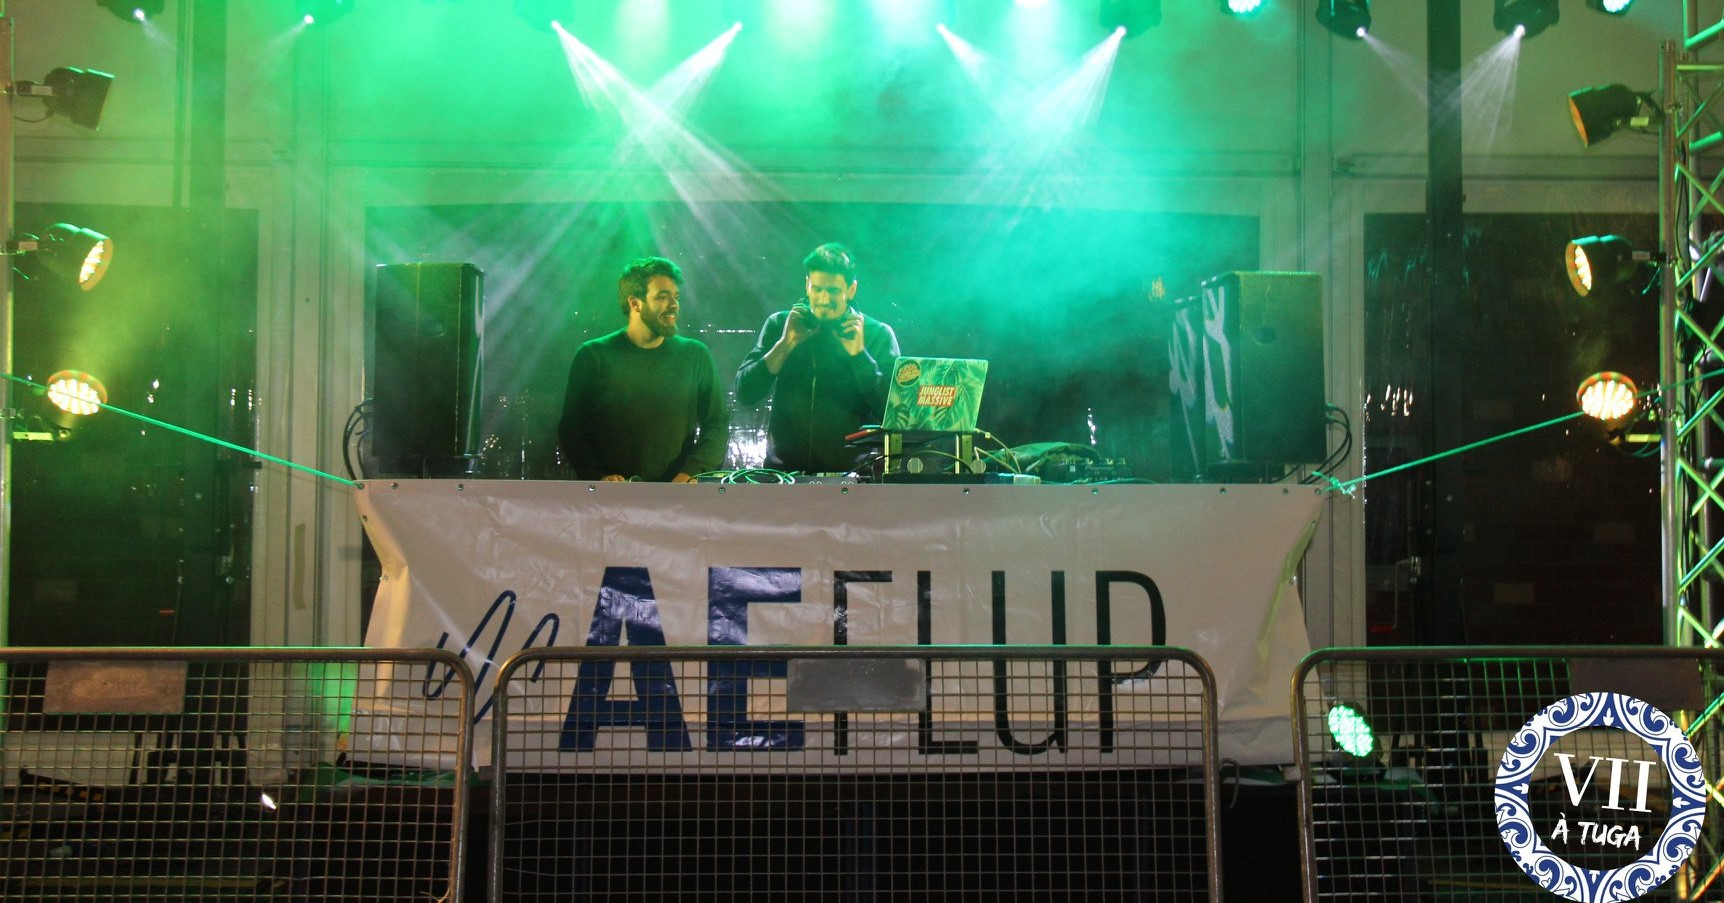 Festa universitária com 2 DJs da Associação de estudantes de Letras do Porto, retratando um evento importante da vida académica